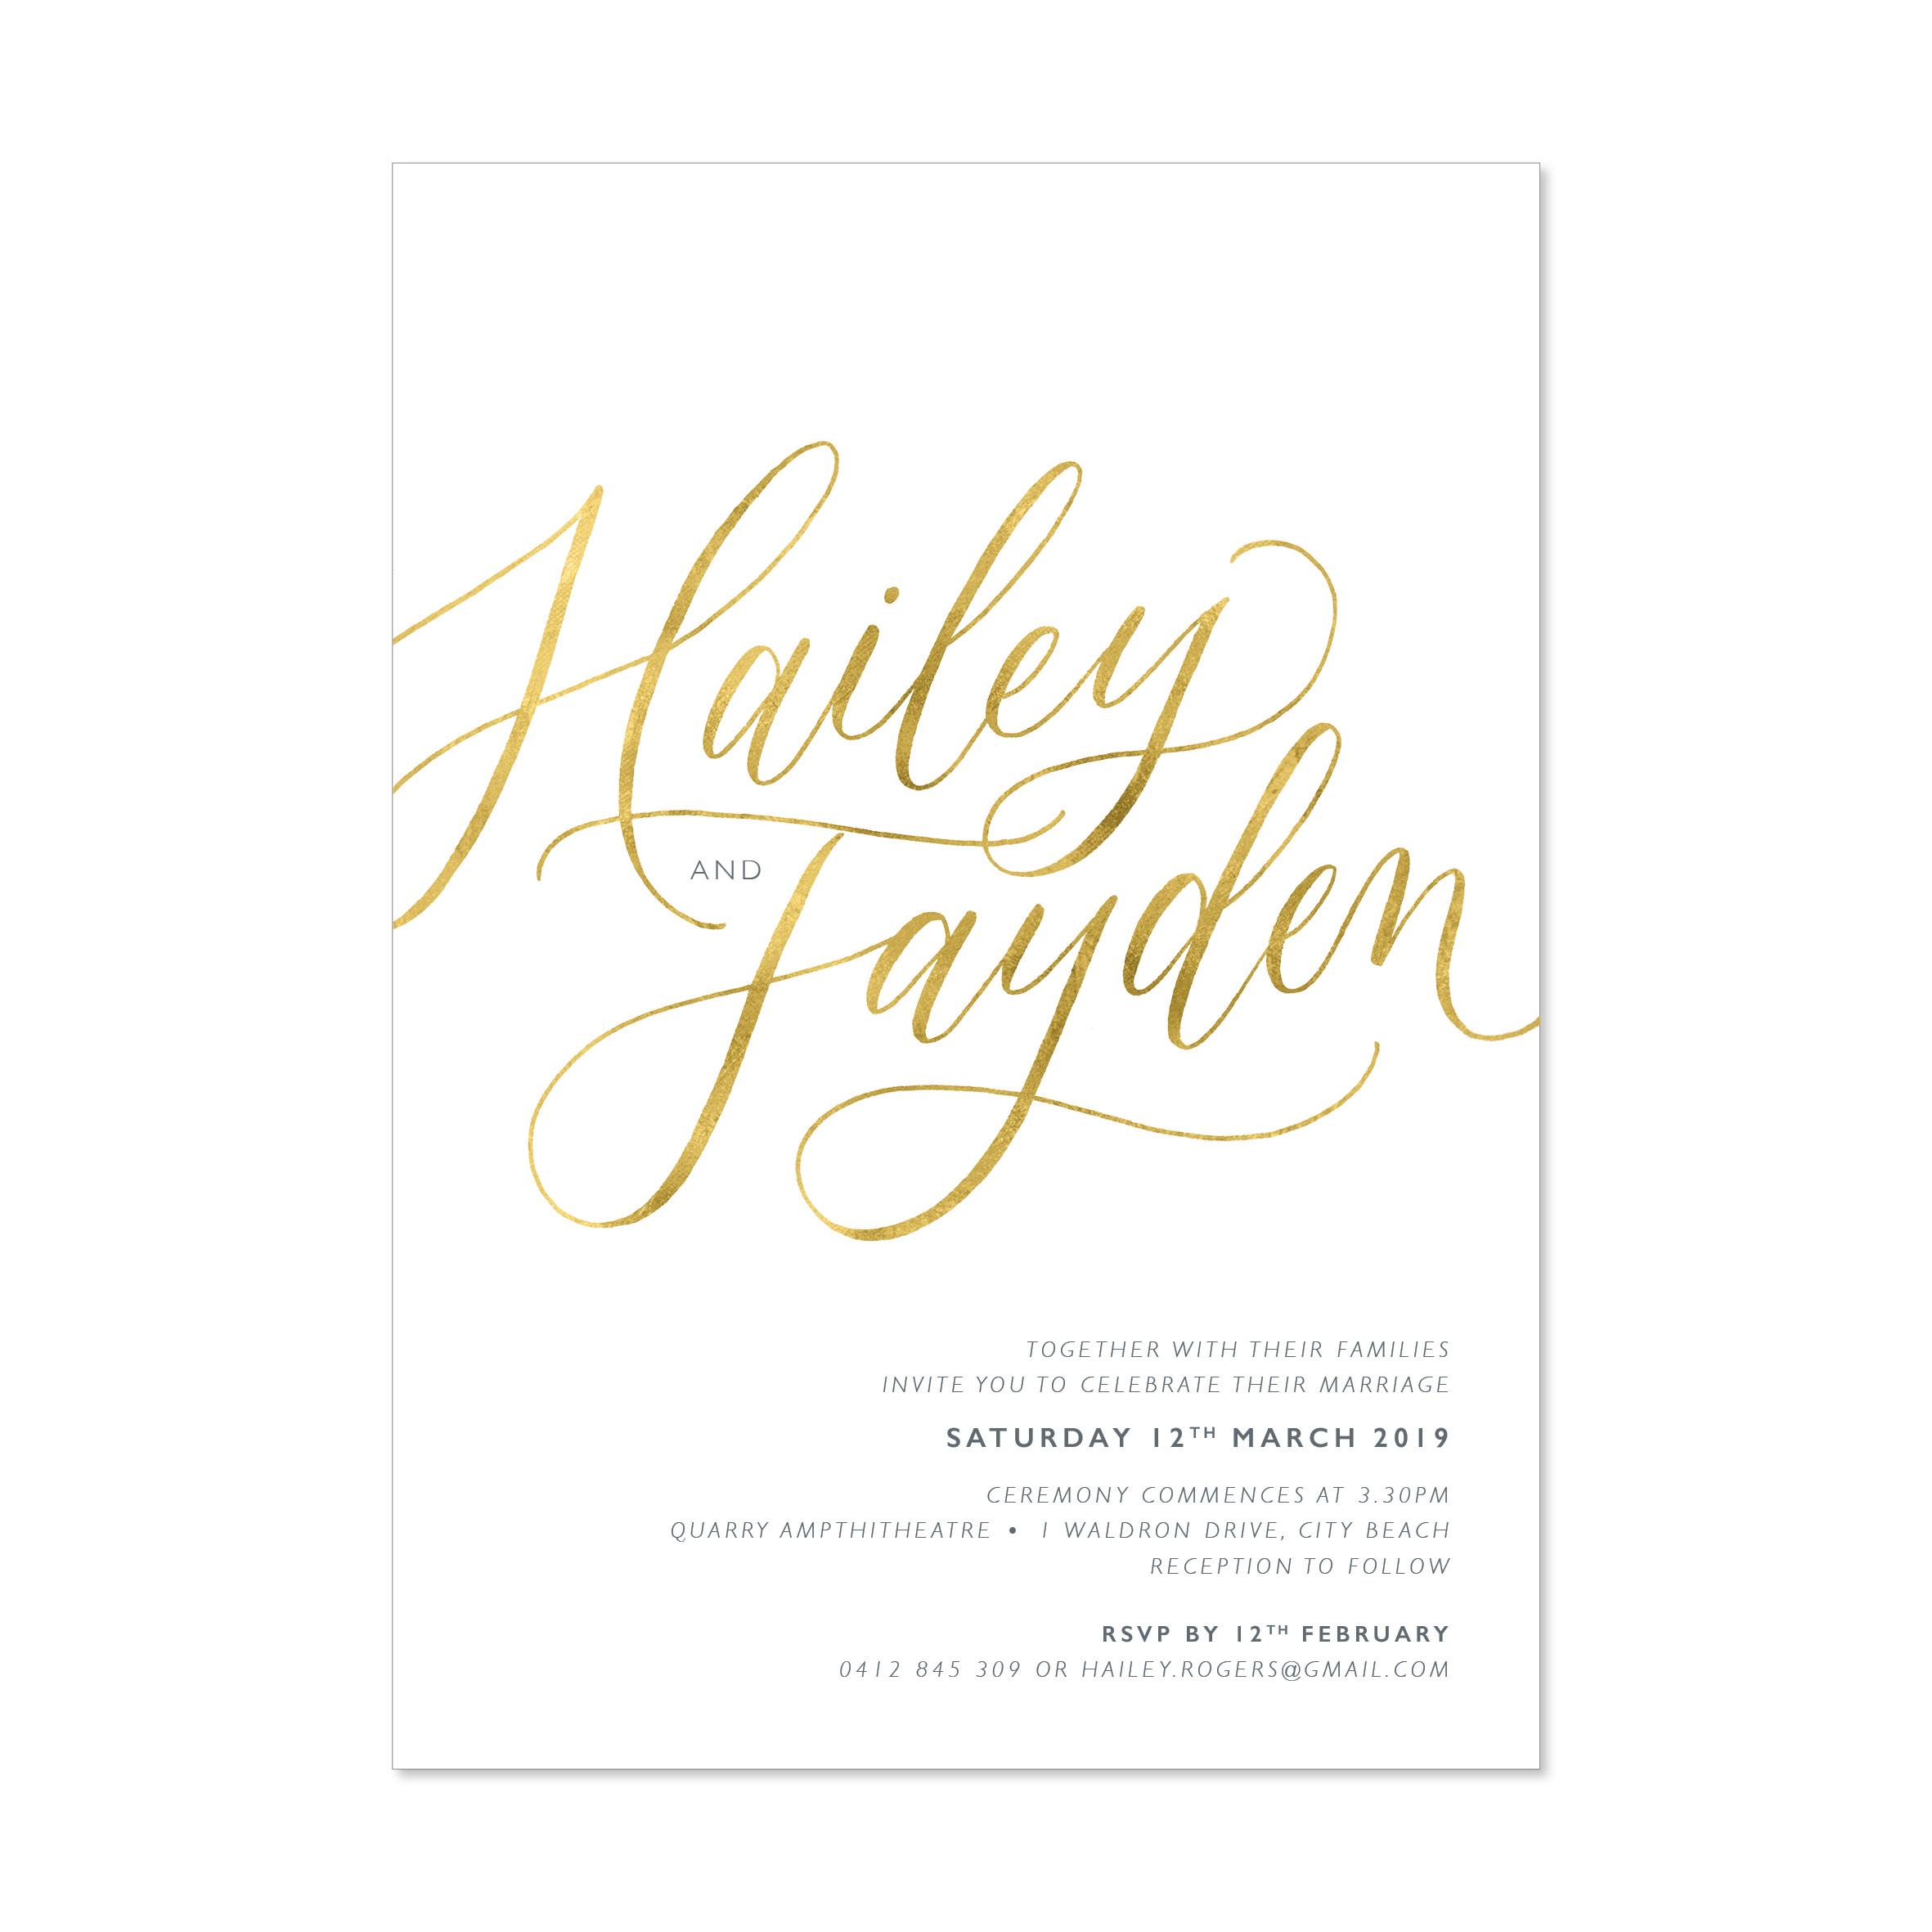 hailey & jayden1.jpg